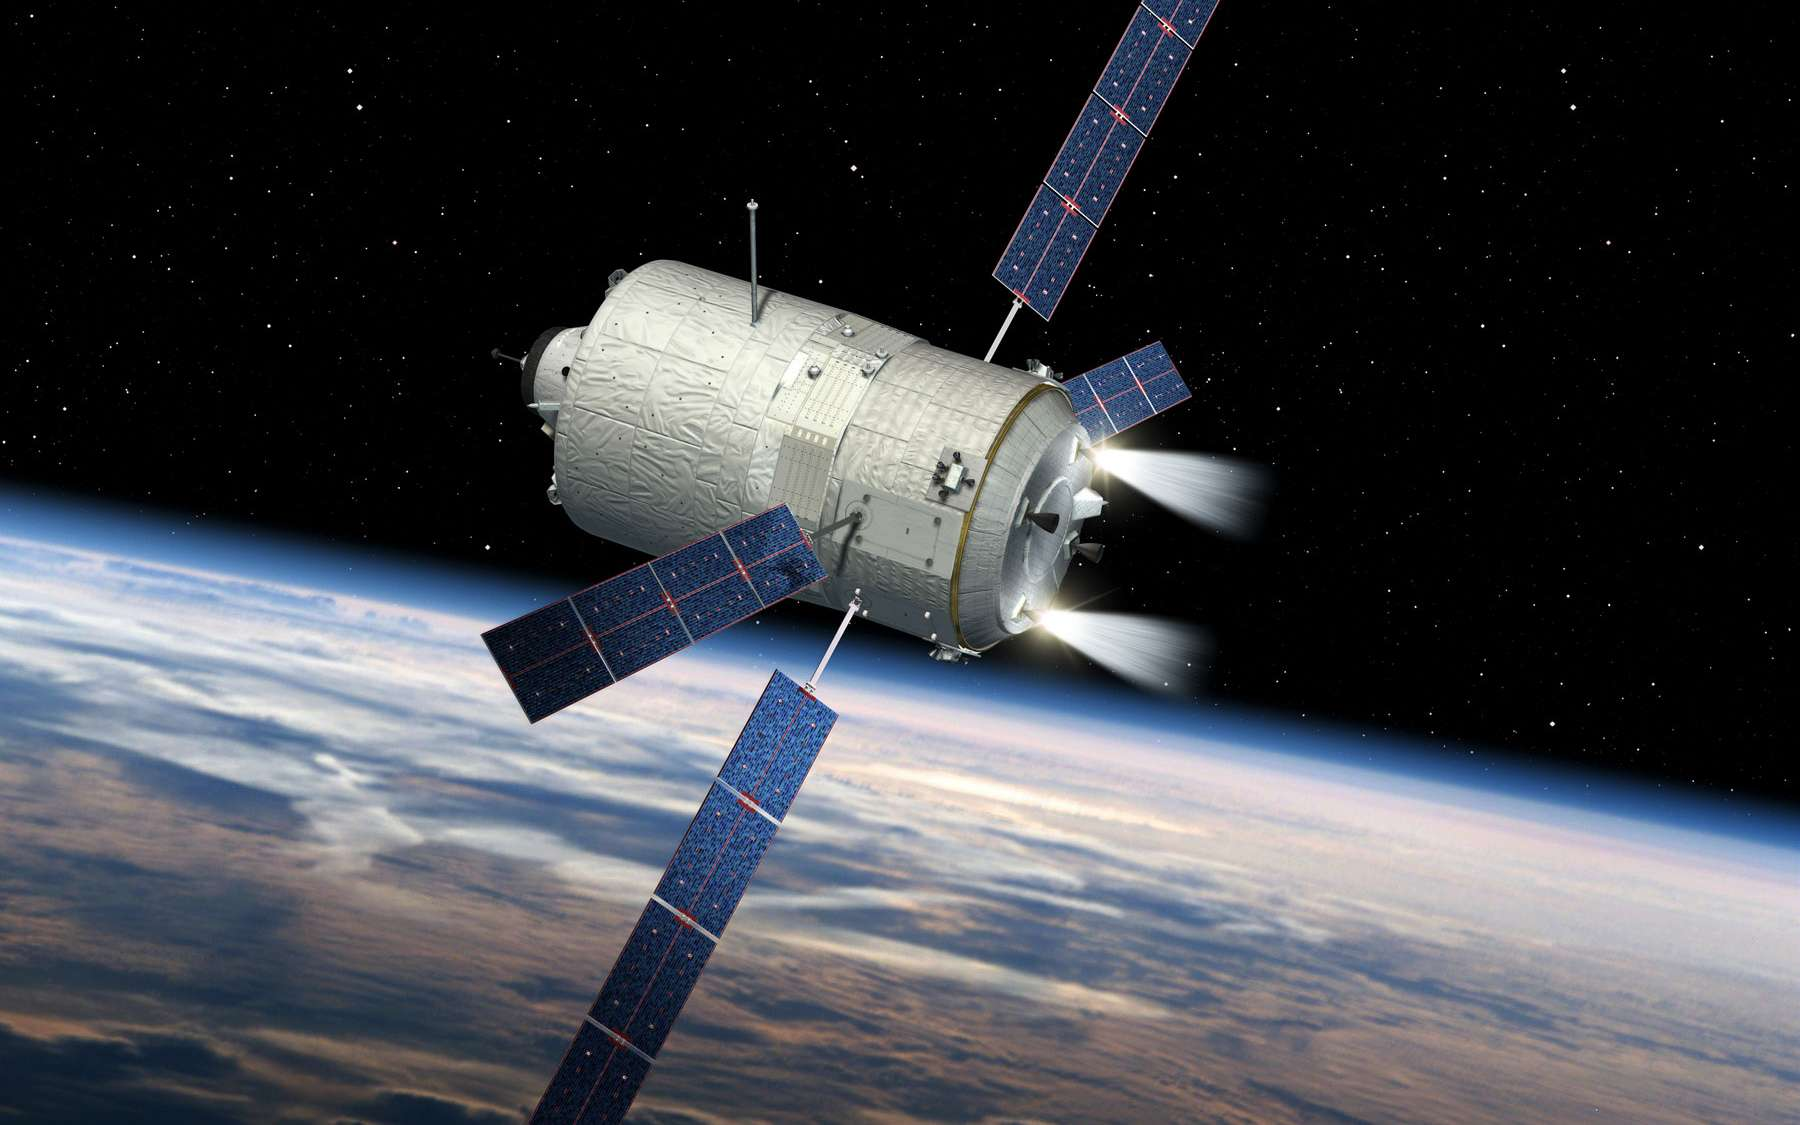 L'ATV-5 va permettre de mieux comprendre comment les objets se désintègrent dans l'atmosphère terrestre. © Esa, D. Ducros